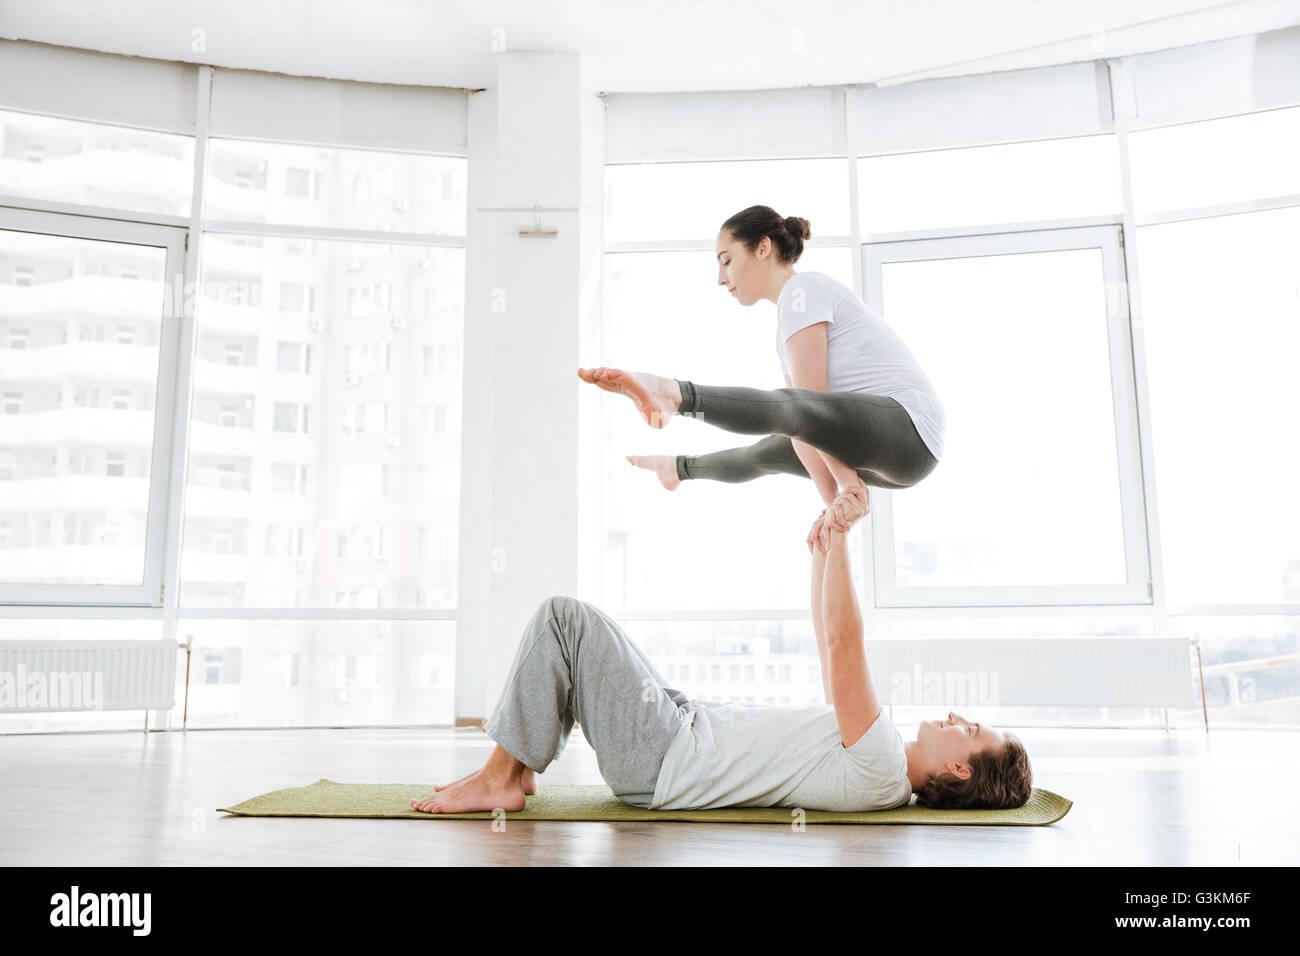 Konzentrierte sich Mann und Frau beim Acro Yoga paarweise im studio Stockfoto